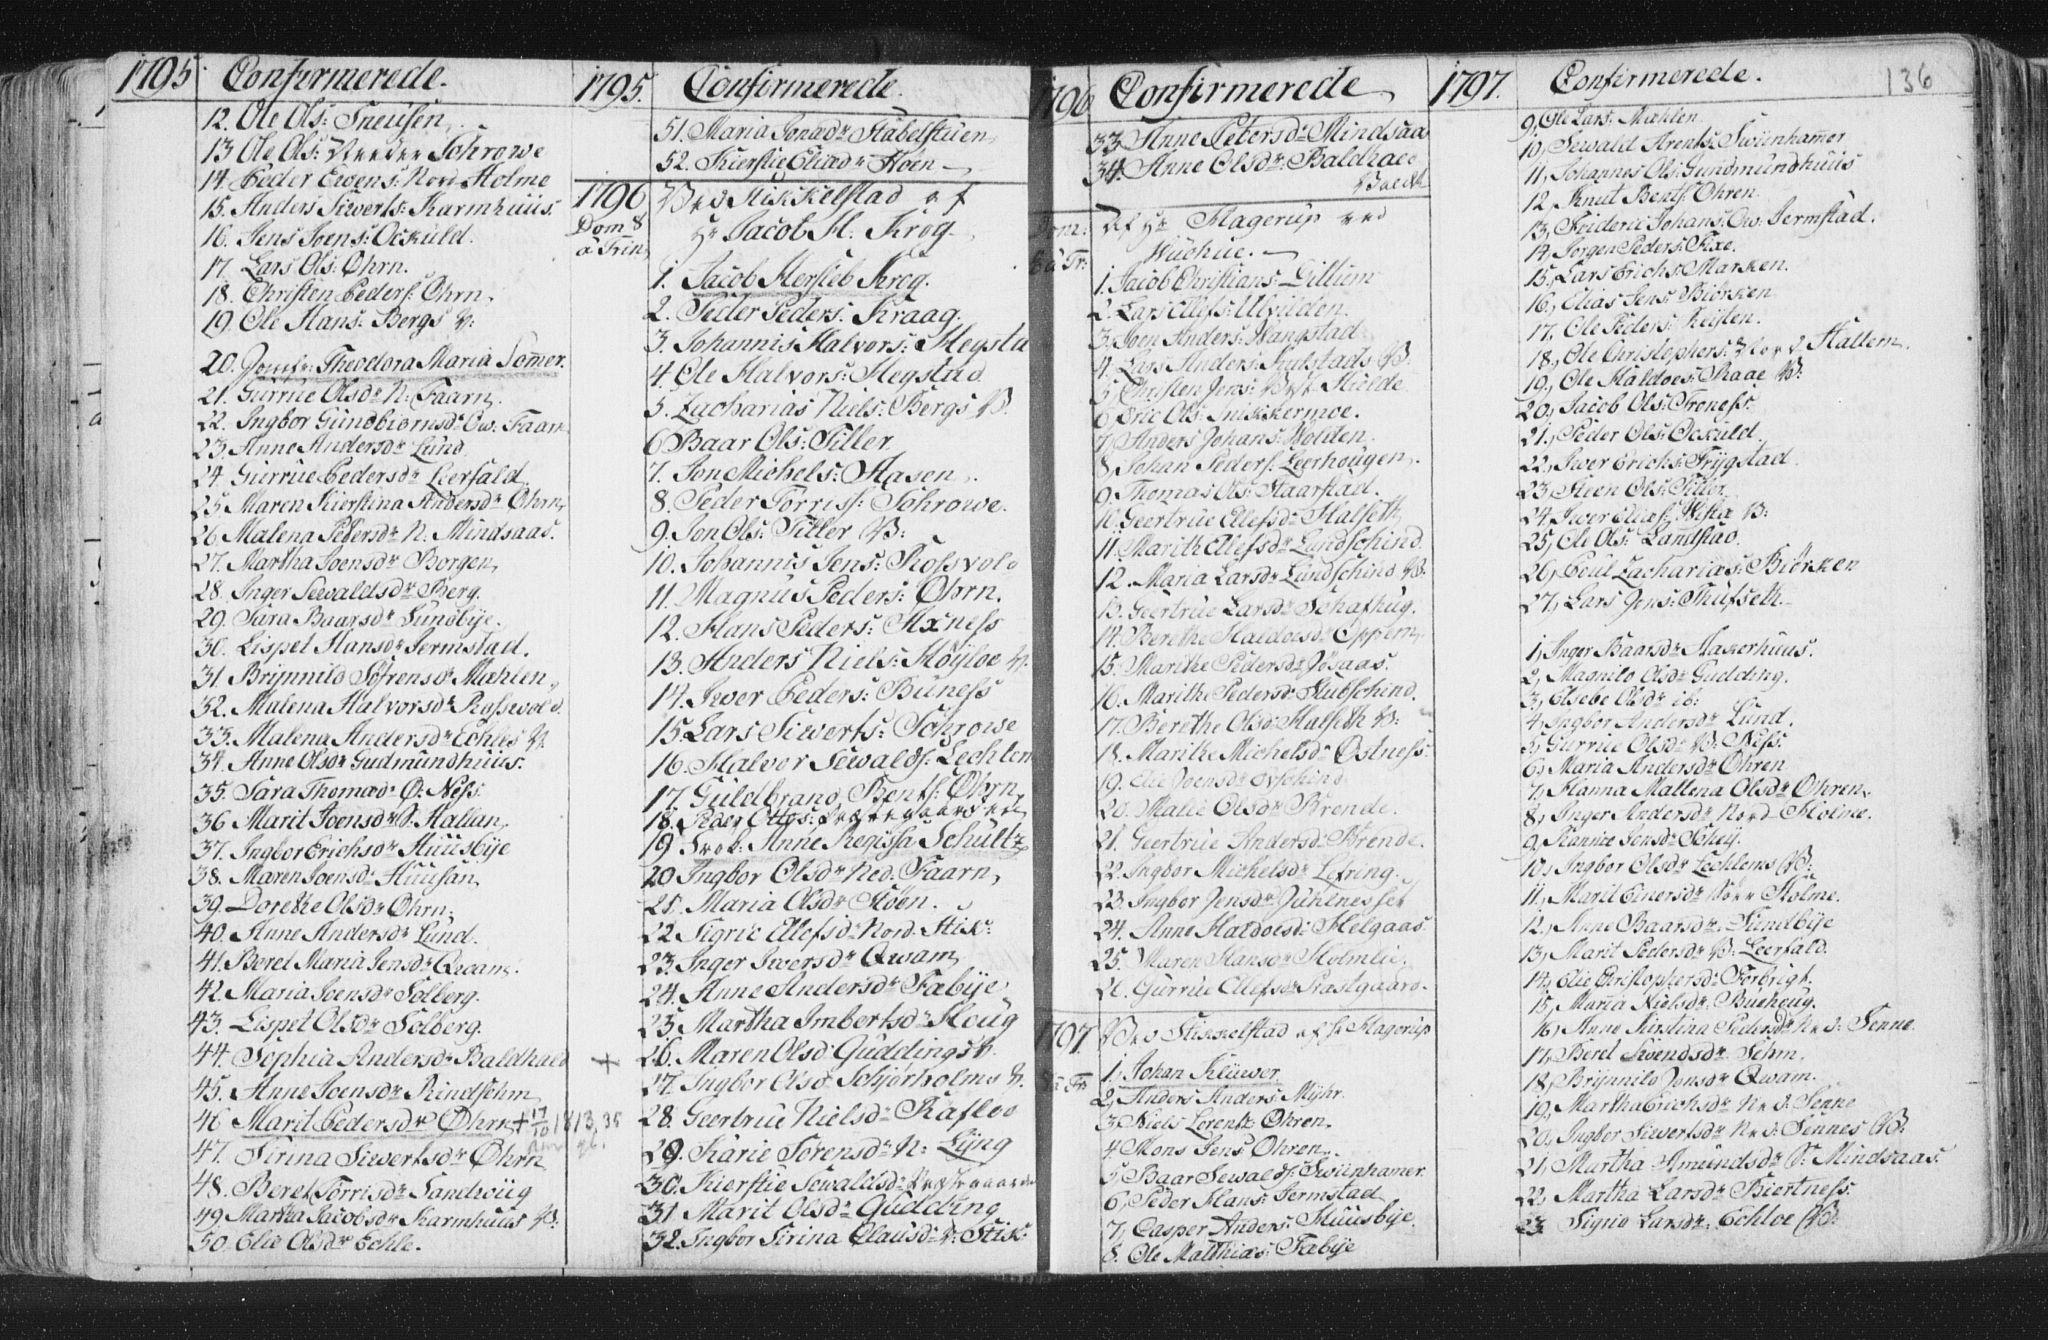 SAT, Ministerialprotokoller, klokkerbøker og fødselsregistre - Nord-Trøndelag, 723/L0232: Ministerialbok nr. 723A03, 1781-1804, s. 136